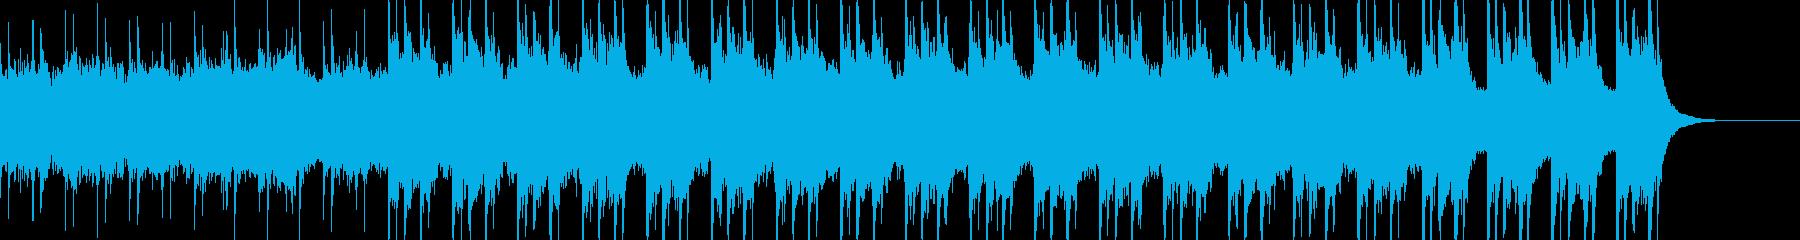 スコットランドのバグパイプ風BGMの再生済みの波形